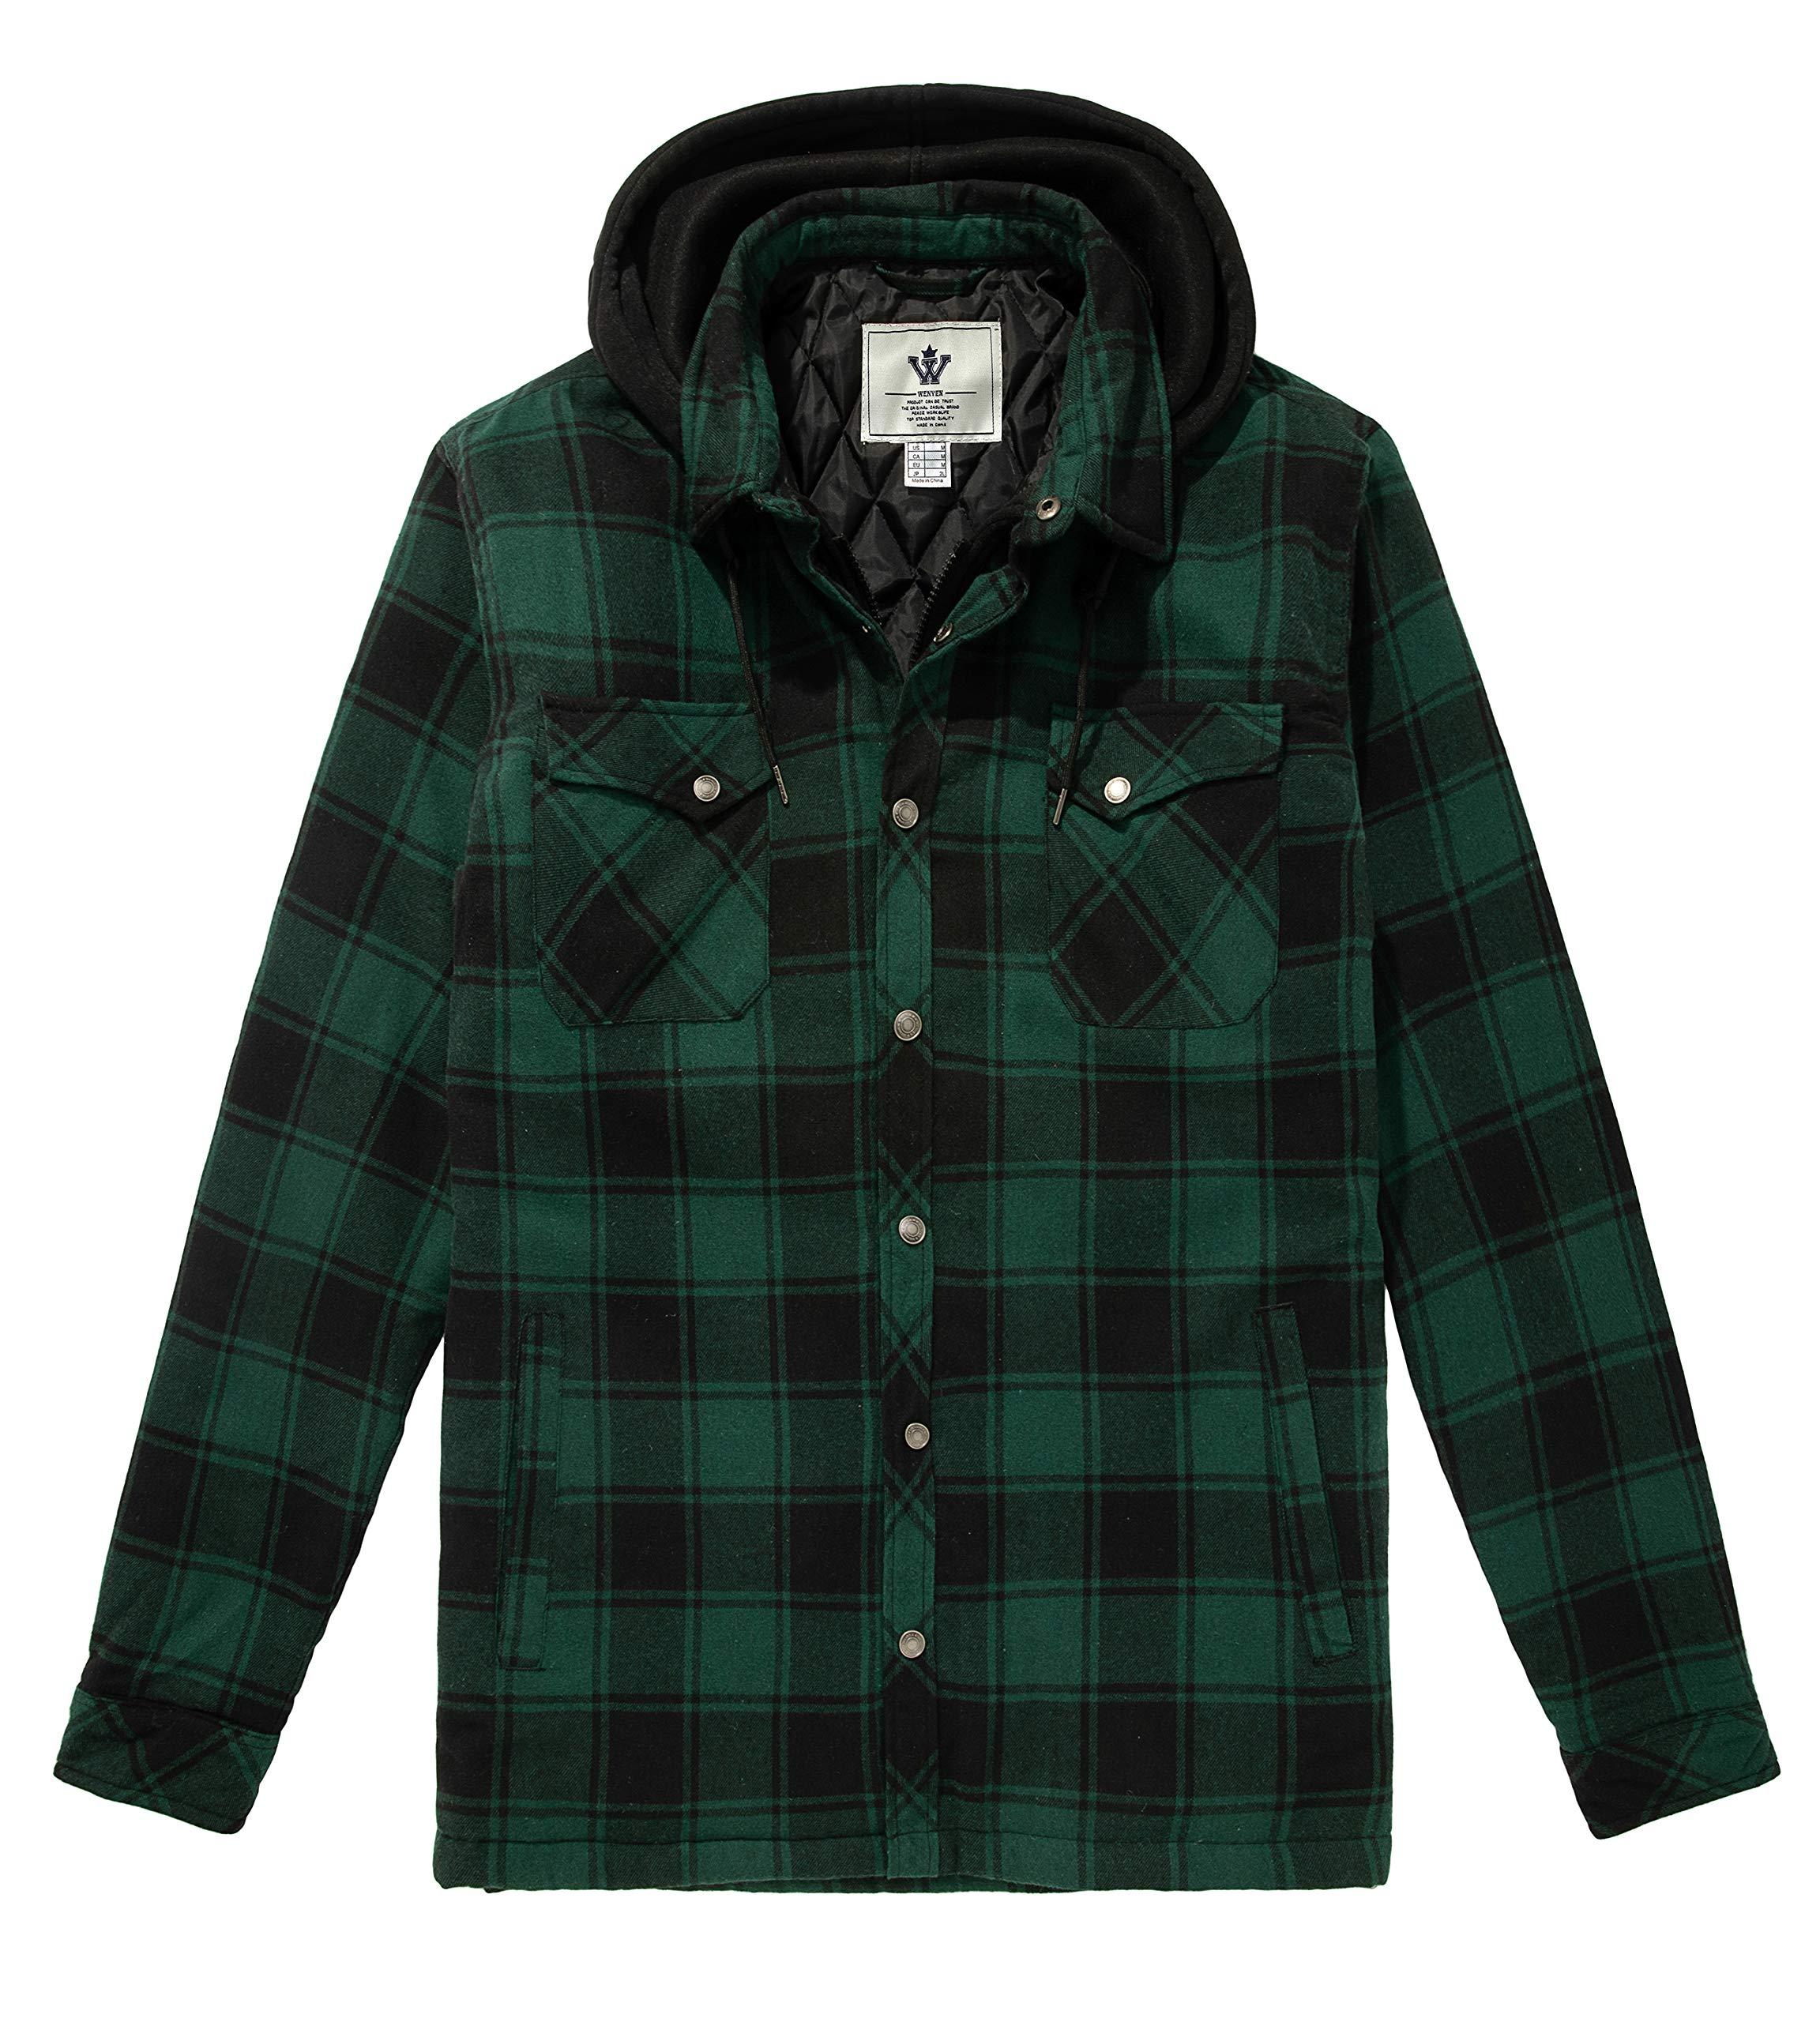 WenVen Men's Thicken Plaid Flannel Quilted Hood Shirt Jacket(Dark Green, S) by WenVen